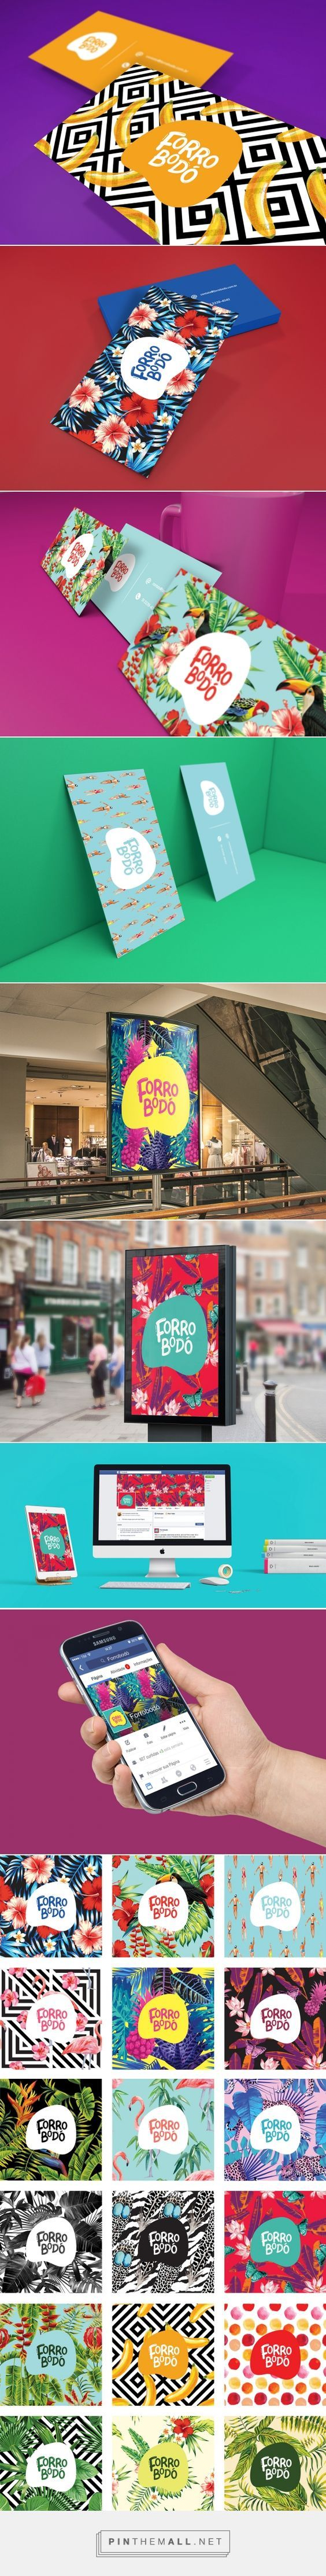 Forrobodó Branding by Felipe Bizzi | Fivestar Branding – Design and Branding Agency & Inspiration Gallery